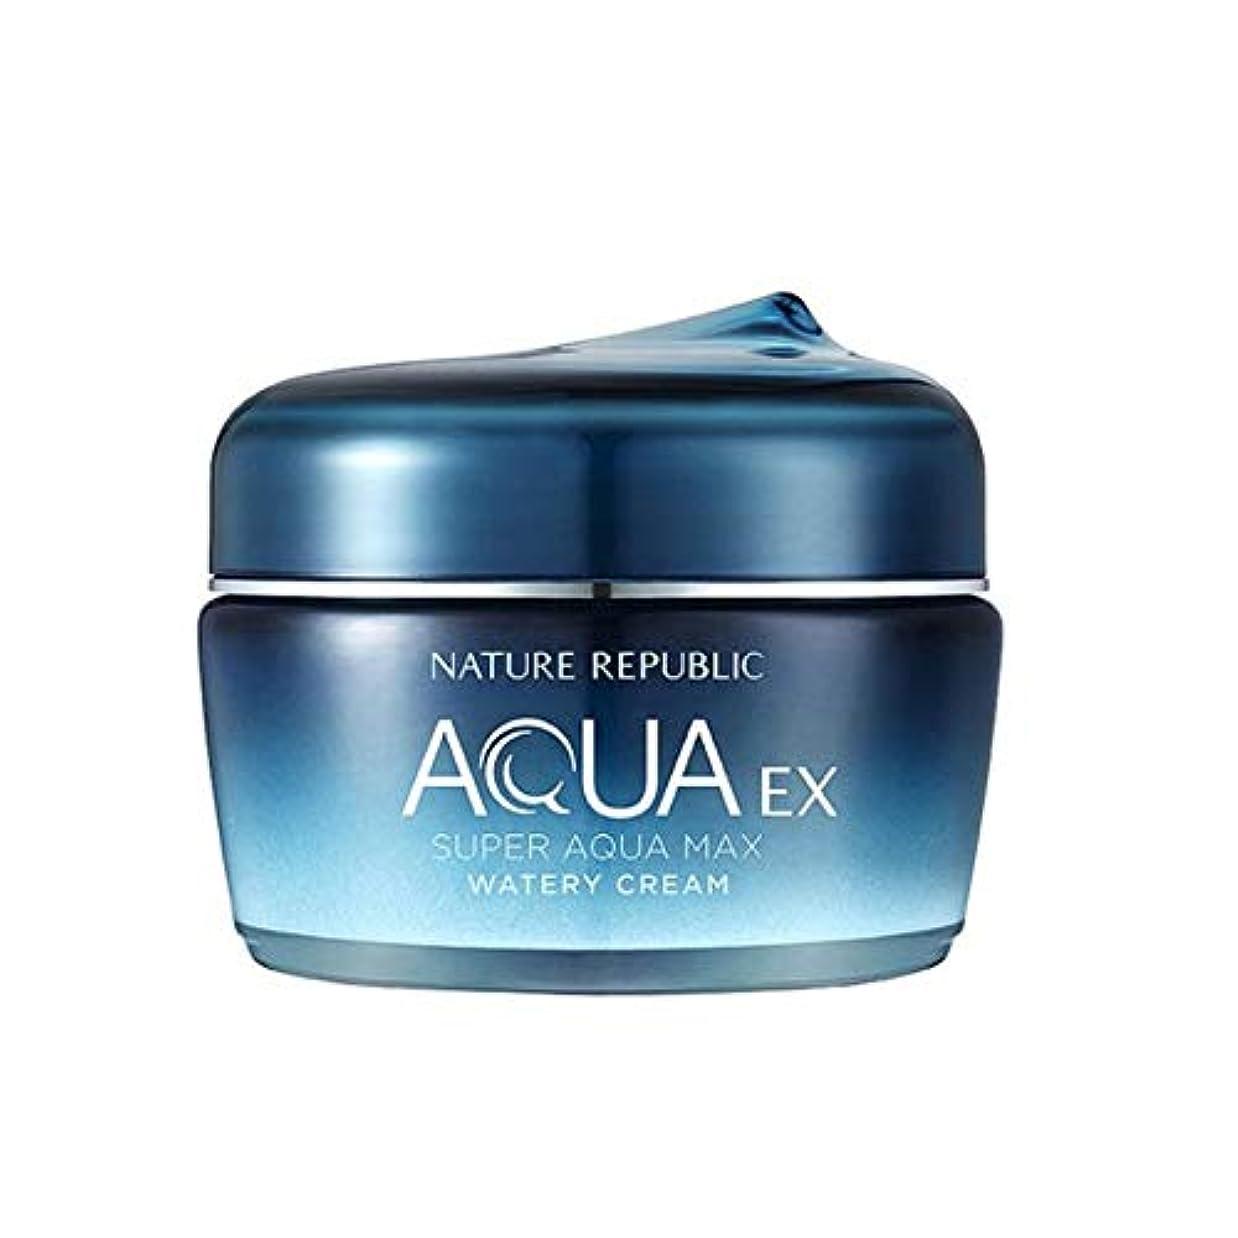 トラックフレームワーク書店ネイチャーリパブリックスーパーアクアマックスEX水分クリーム80ml韓国コスメ、Nature Republic Super Aqua Max EX Watery Cream 80ml Korean Cosmetics [...